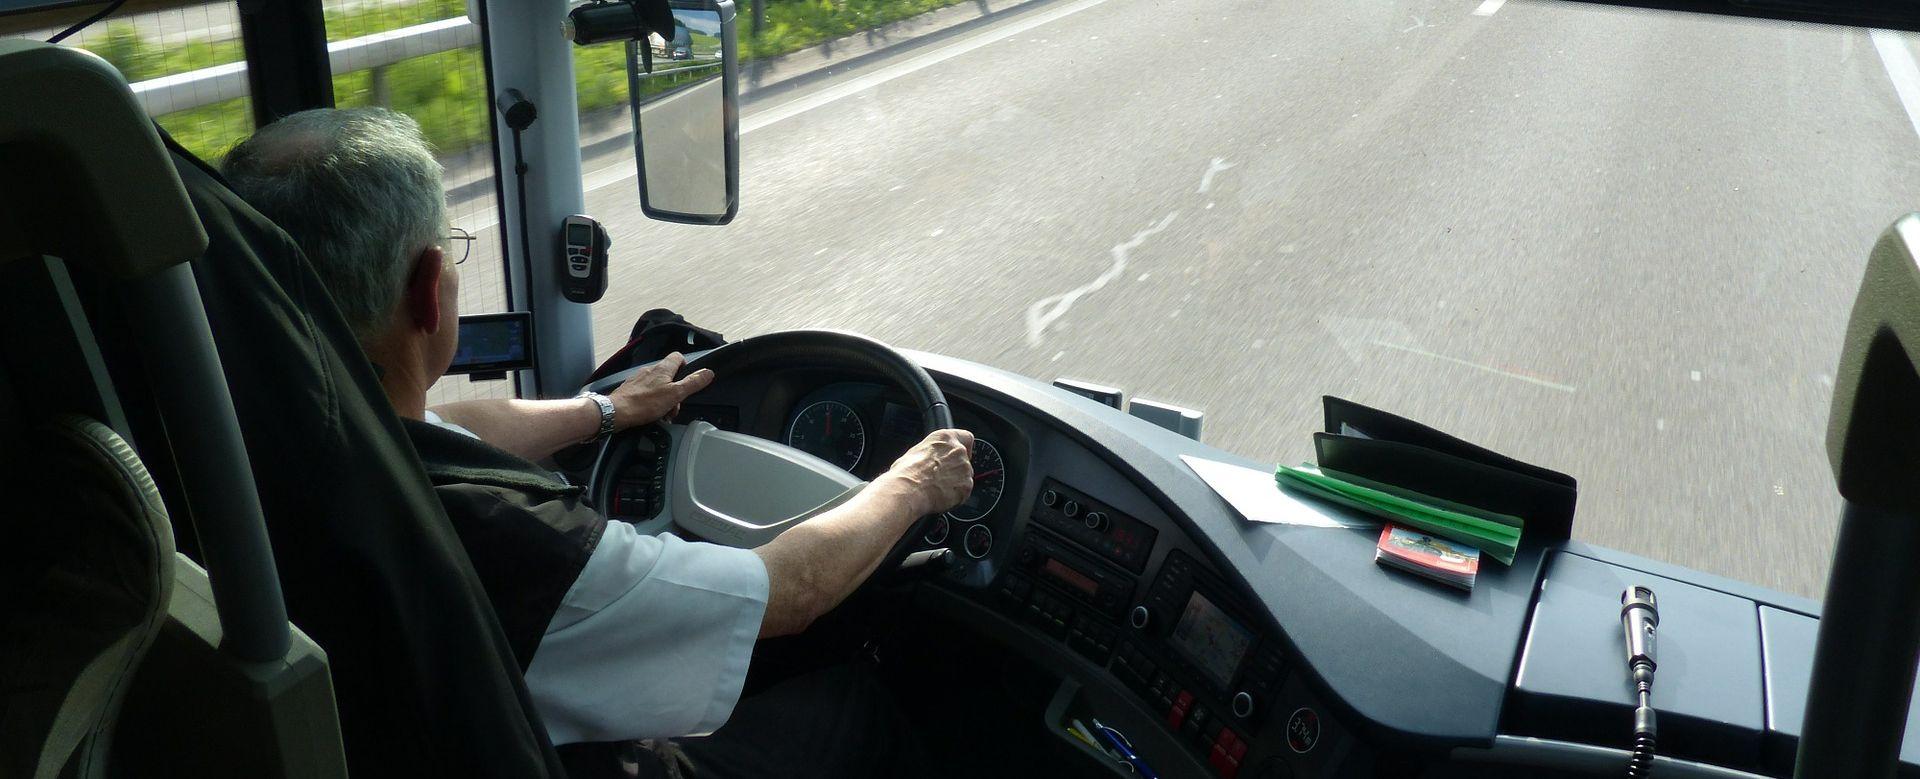 Osnovana Radna skupina o putničkom prijevozu u Osječko-baranjskoj županiji